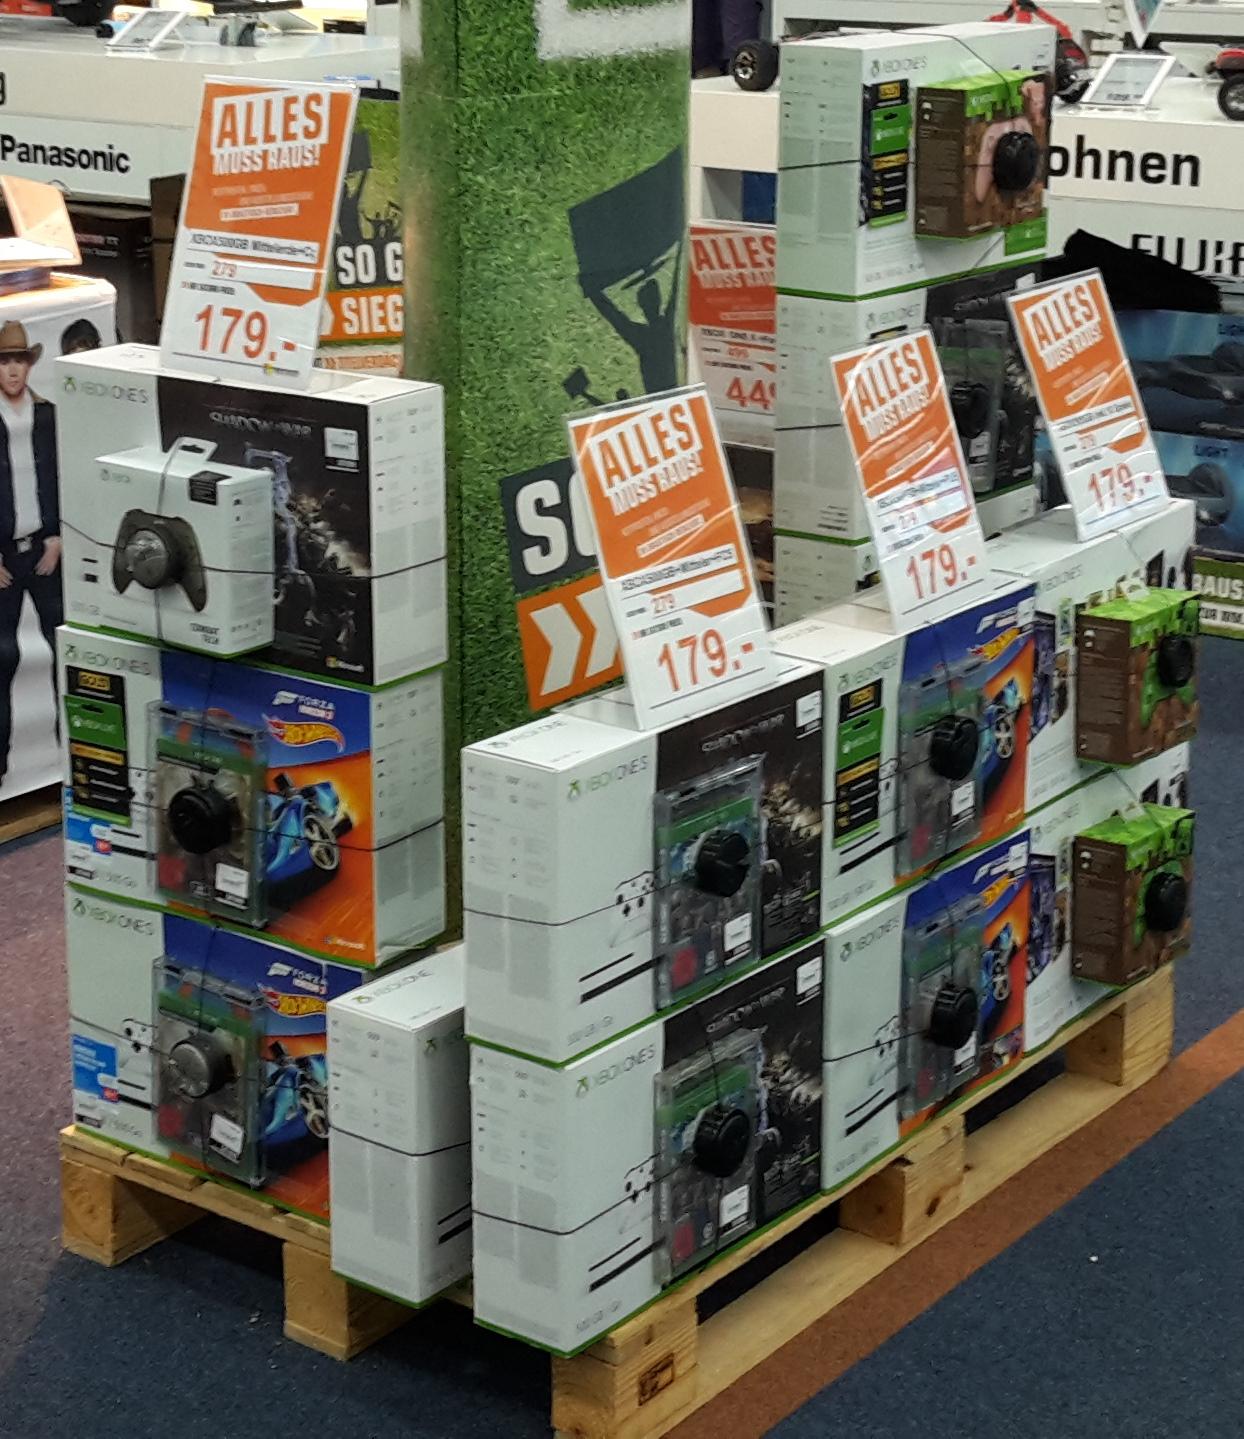 Xbox One S + 2. Spiel oder Controller für 179€ bei Saturn Koblenz Forum